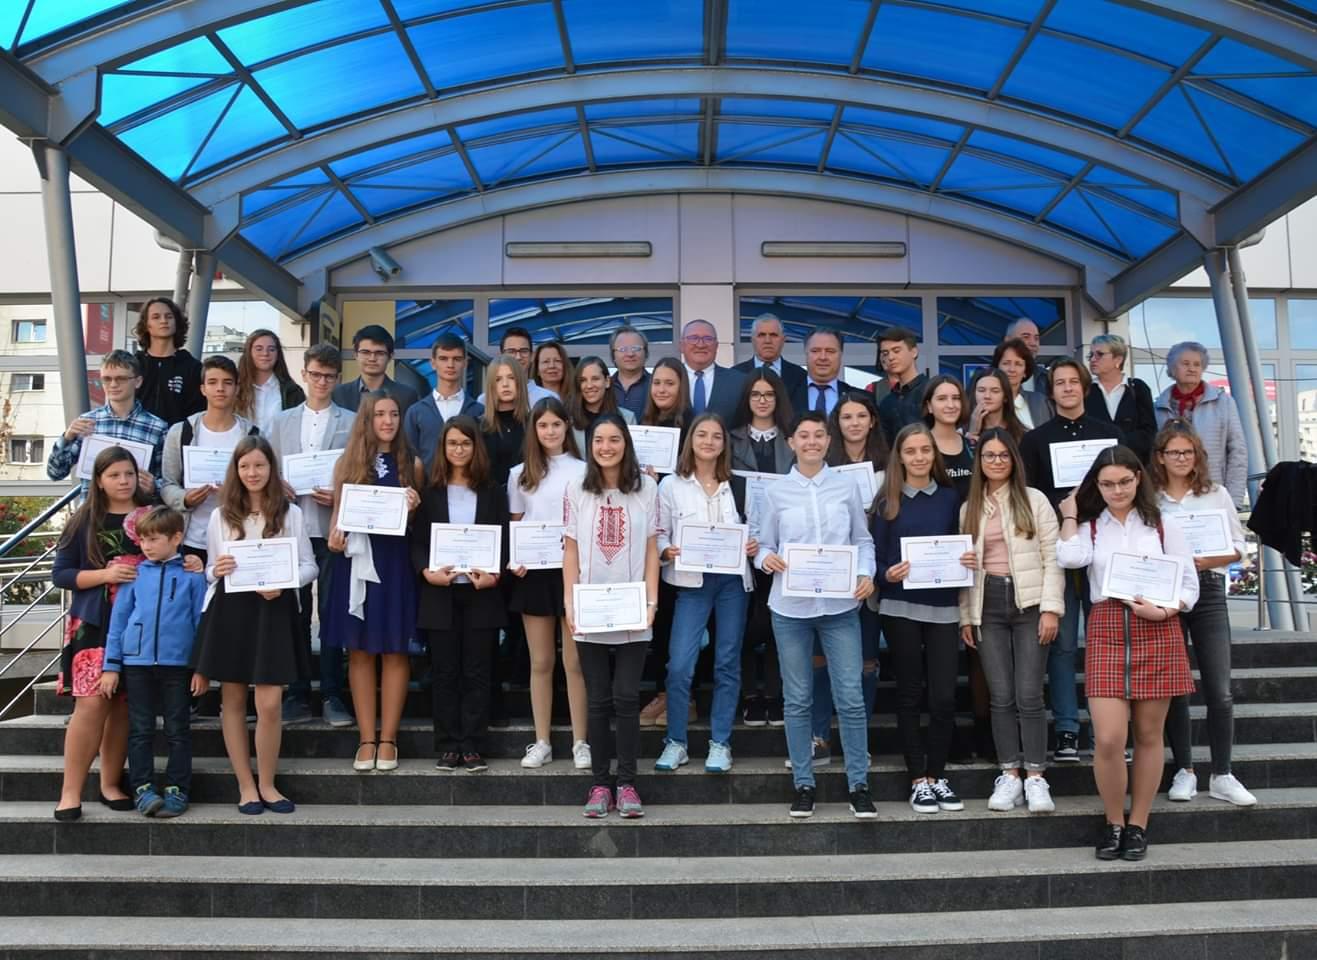 Tinerii merituoși de 10 ai Clujului, premiați de Consiliul Județean